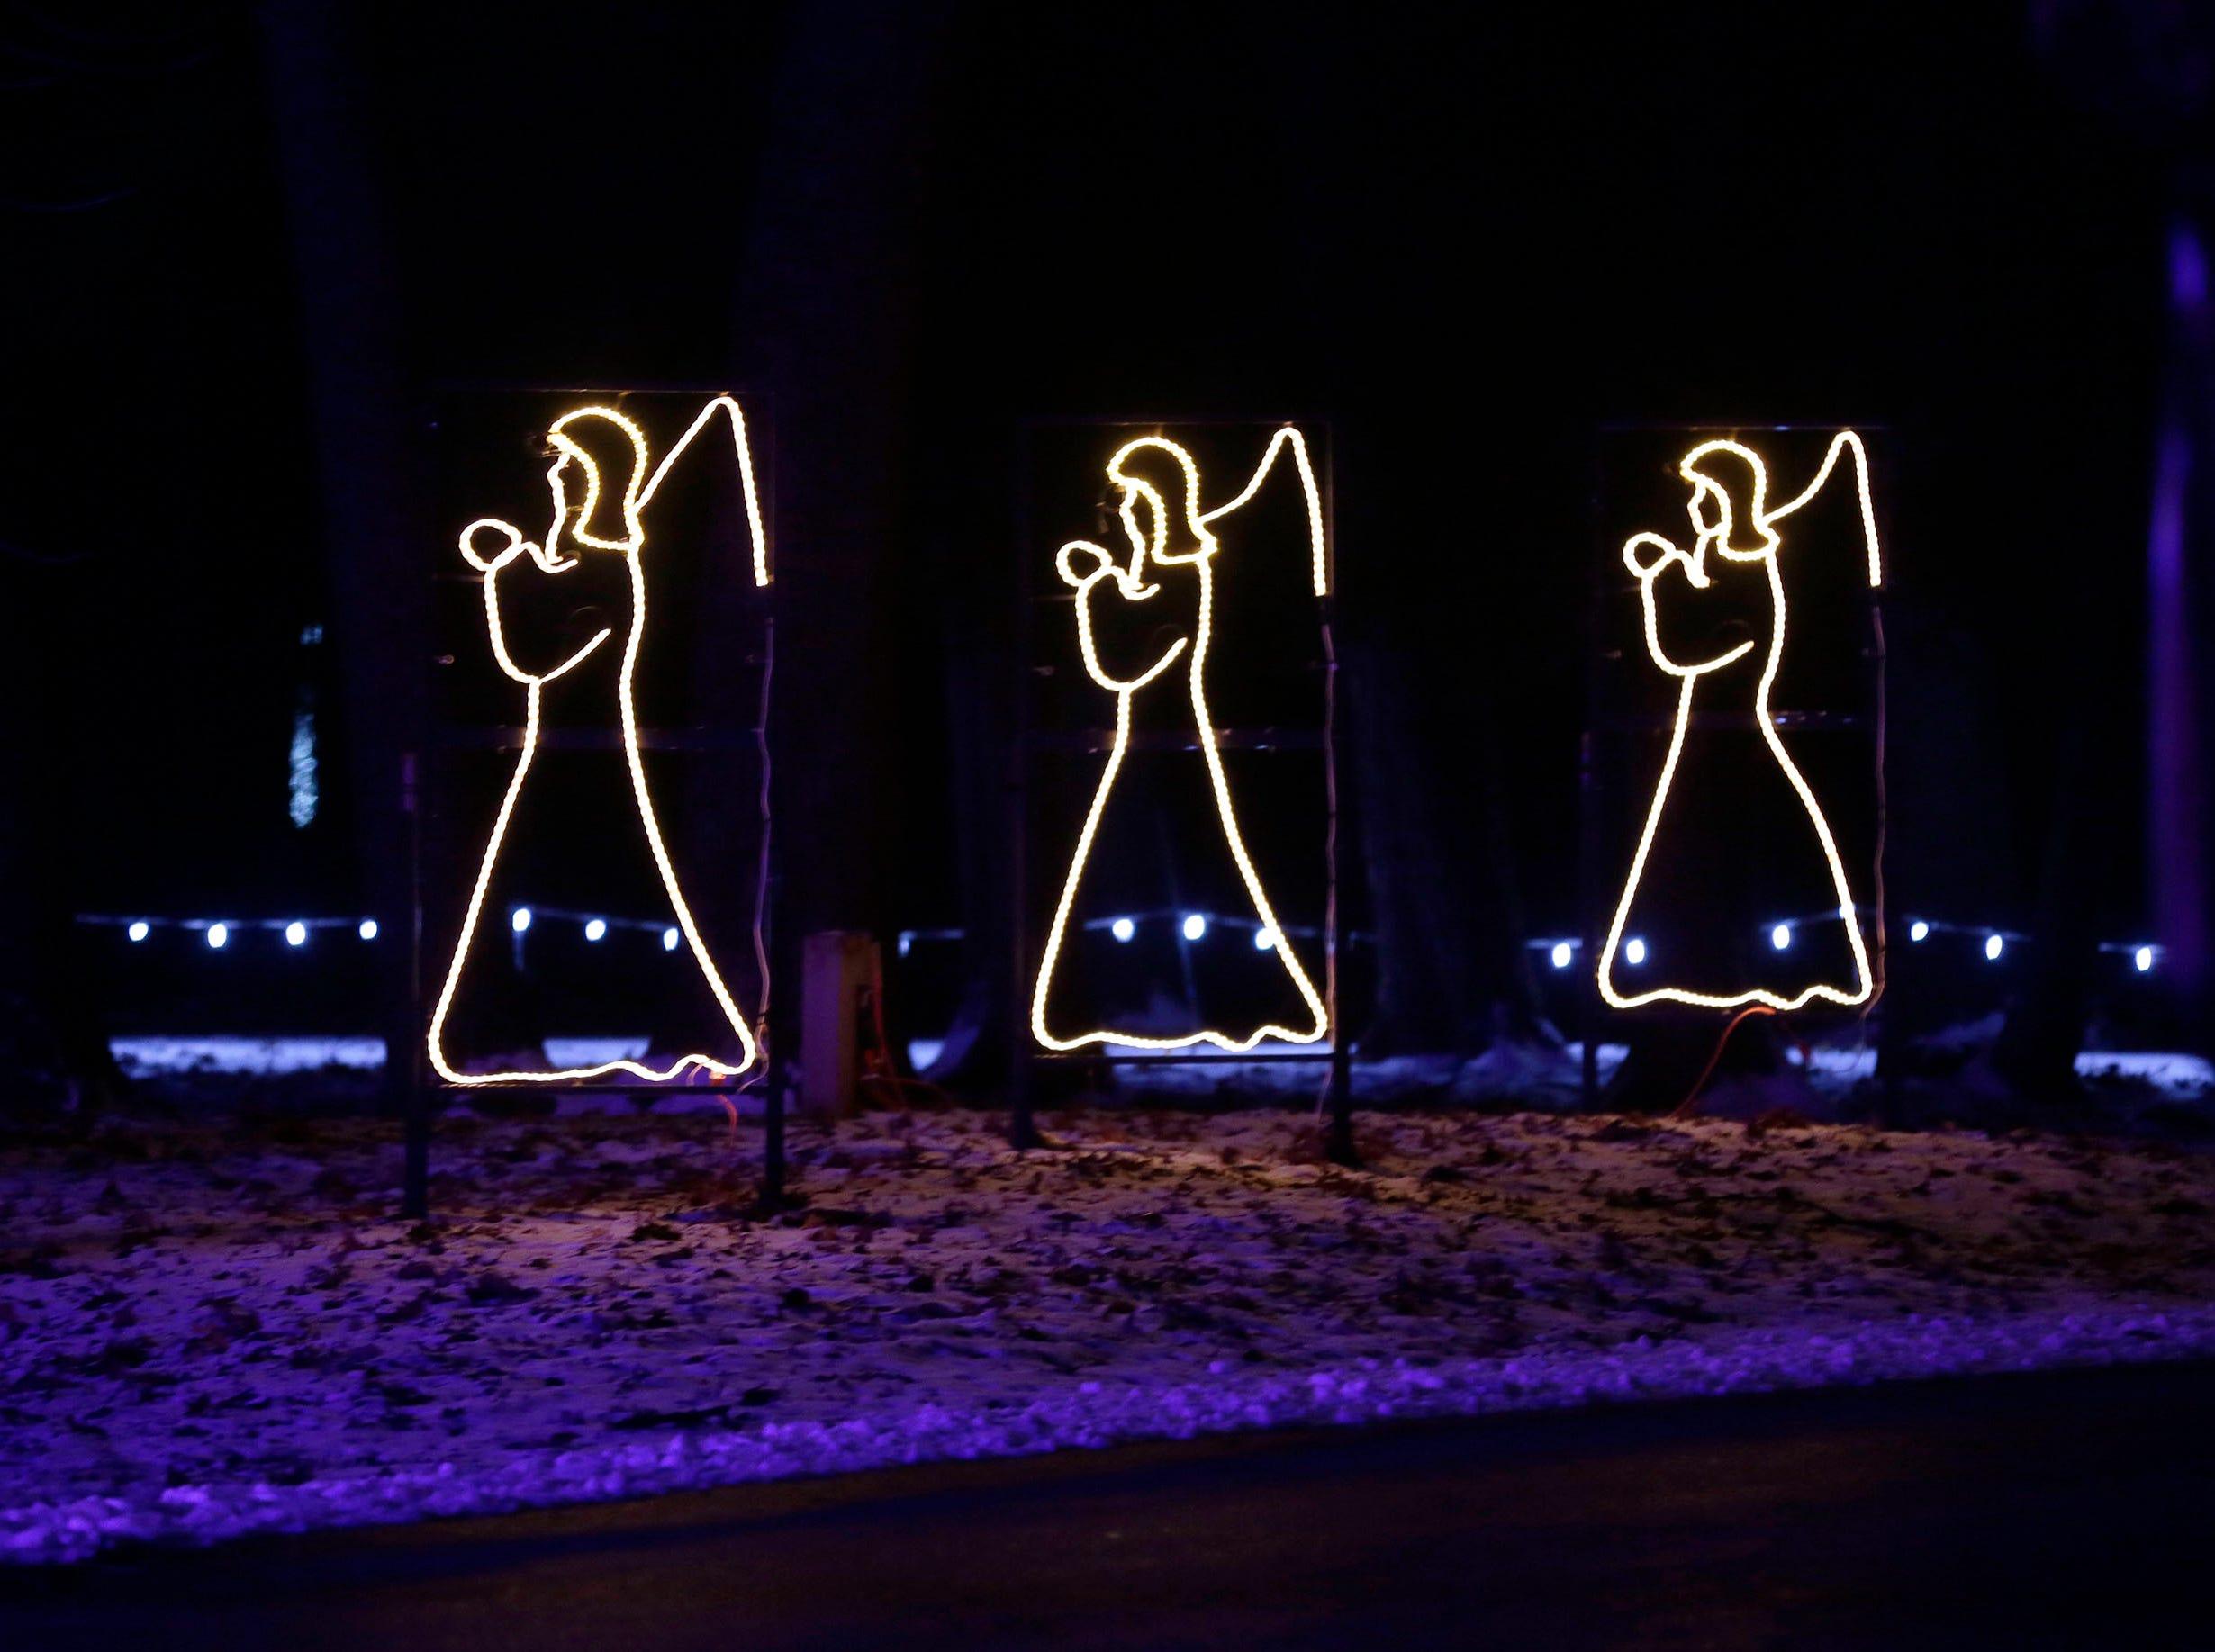 Angels in a row at Making Spirits Bright at Evergreen Park, Friday, November 30, 2018, in Sheboygan, Wis.